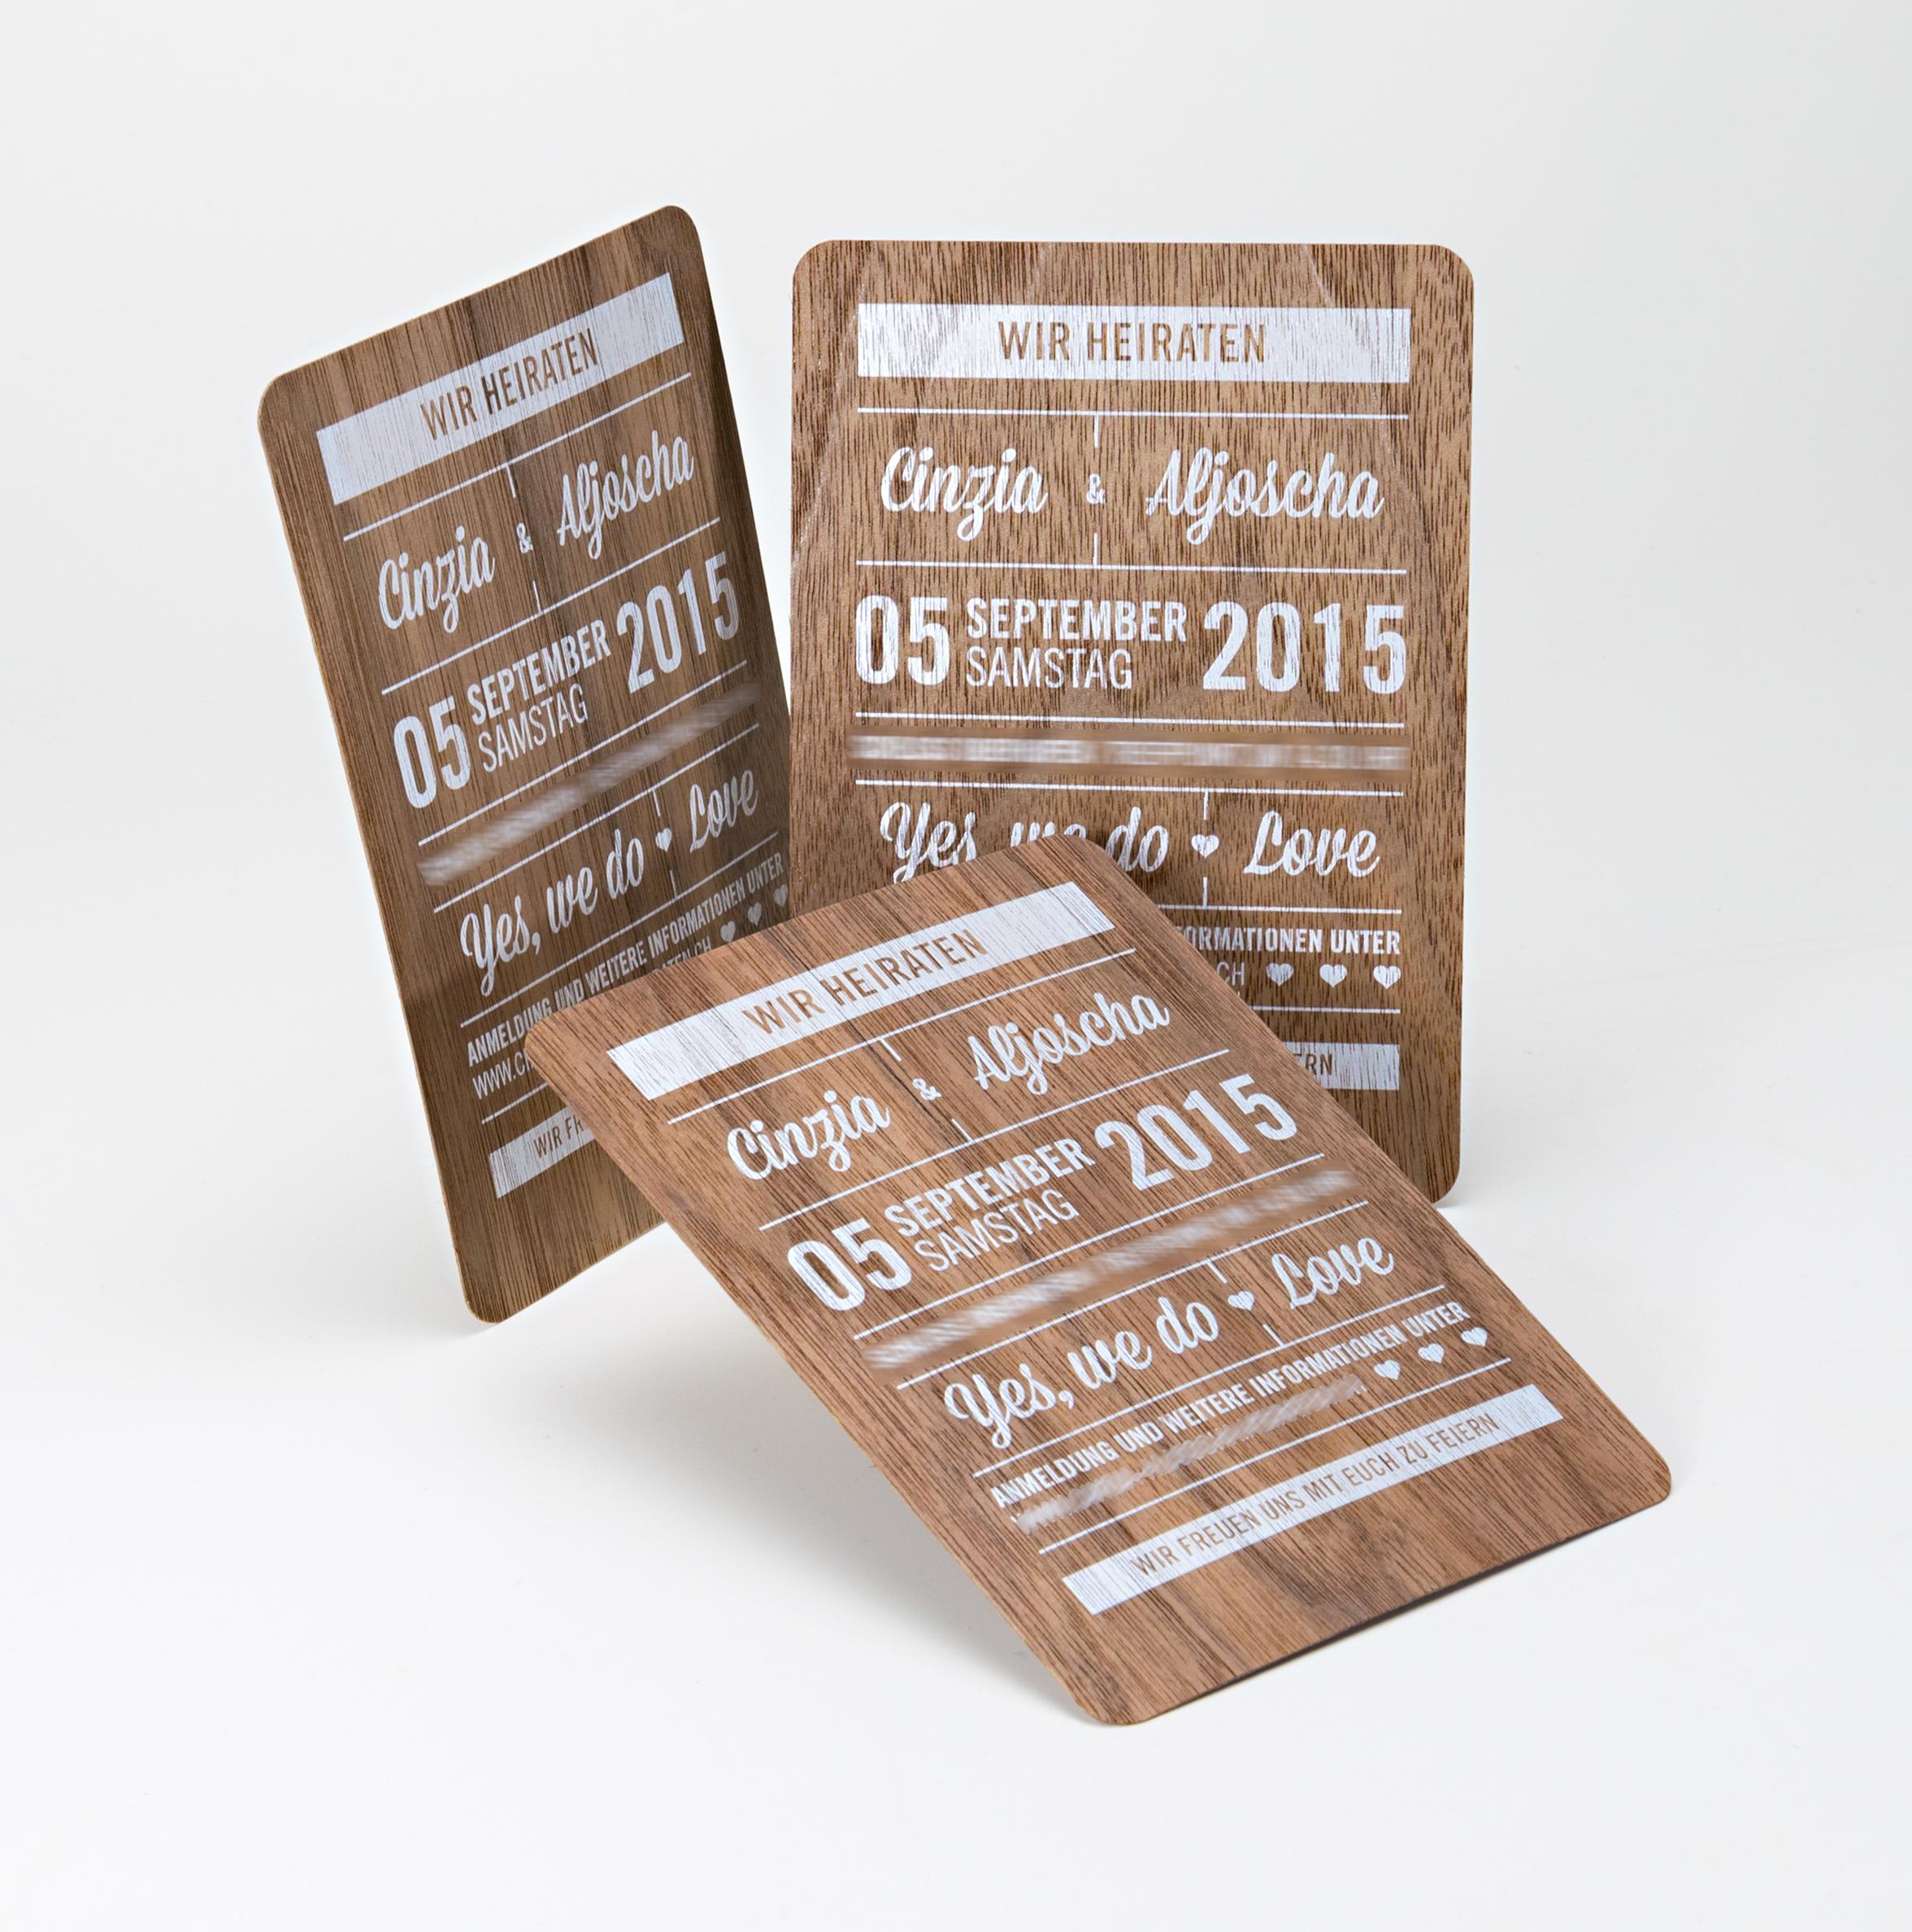 Elegant Individuelle Einladungskarten Zur Hochzeit U2013 Weißer Druck Auf Dunklem  Echtholzfurnier   Tipps, Tricks Und Ideen Aus Dem Printweb.de Blog